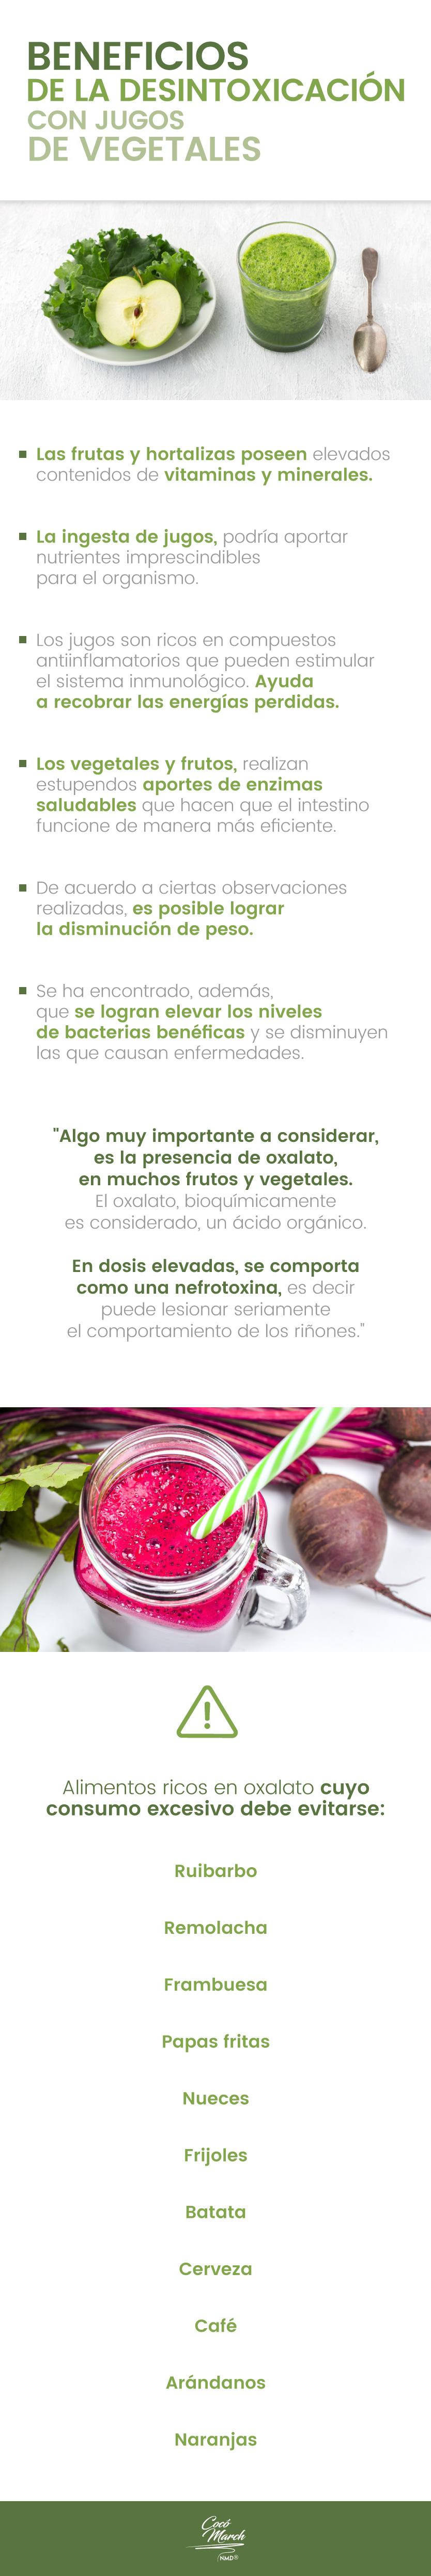 beneficios-de-la-desintoxicacion-con-jugos-de-vegetales